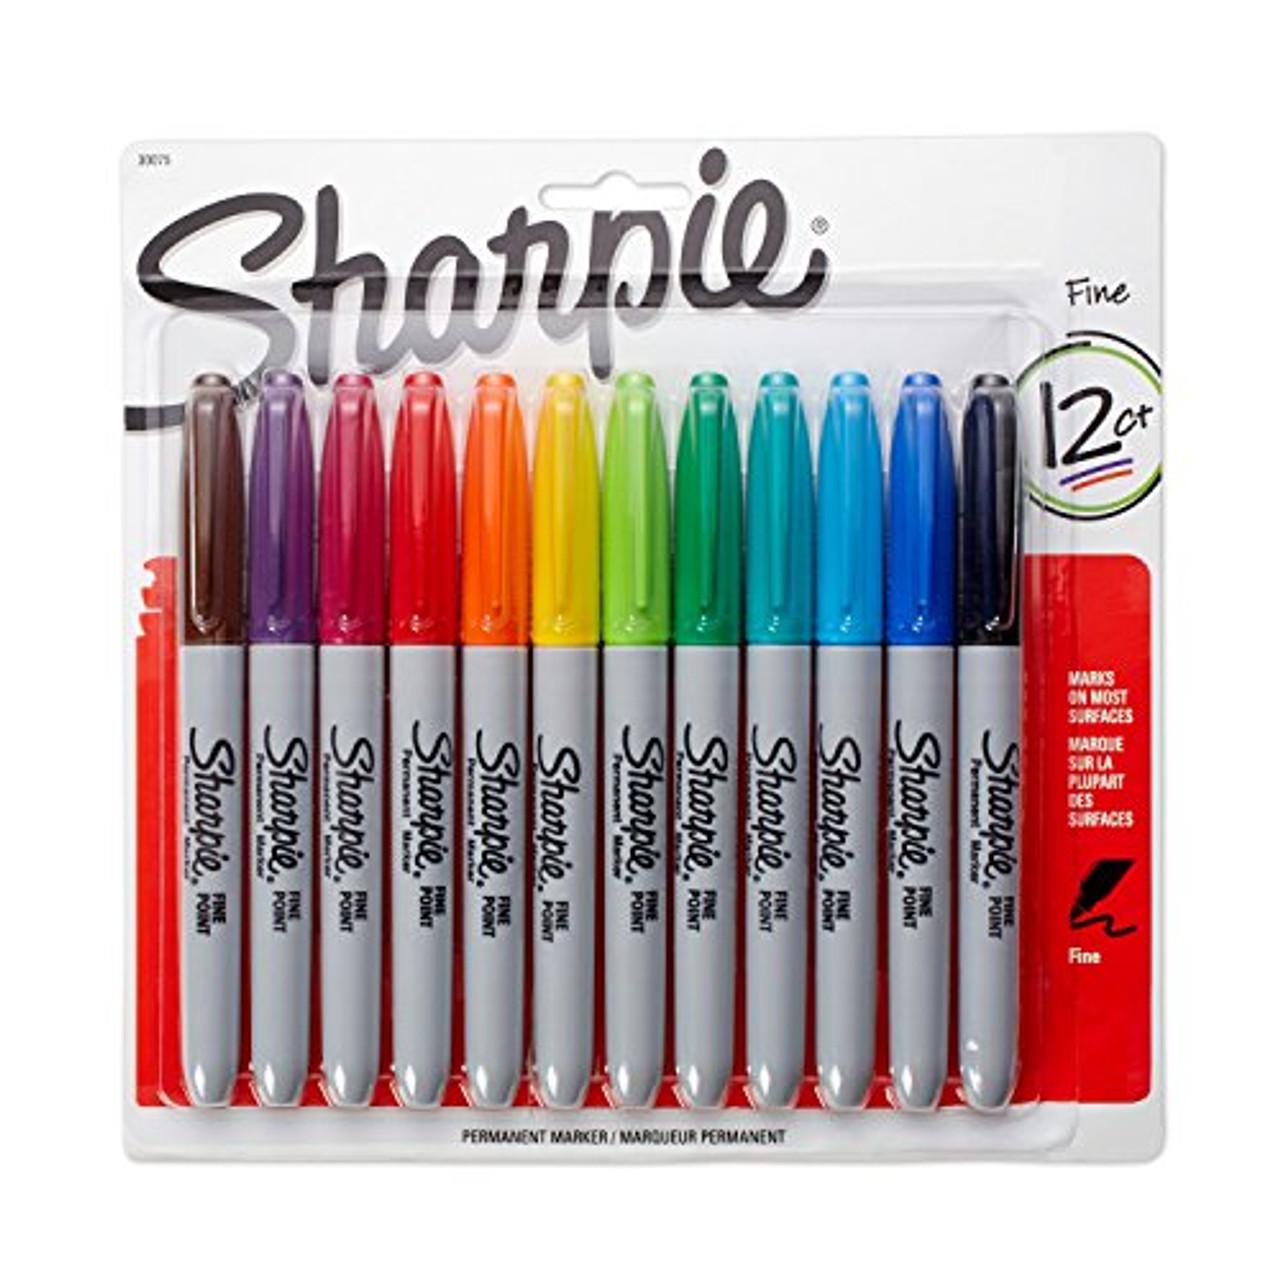 Sharpie Marker Fine 12pc Set